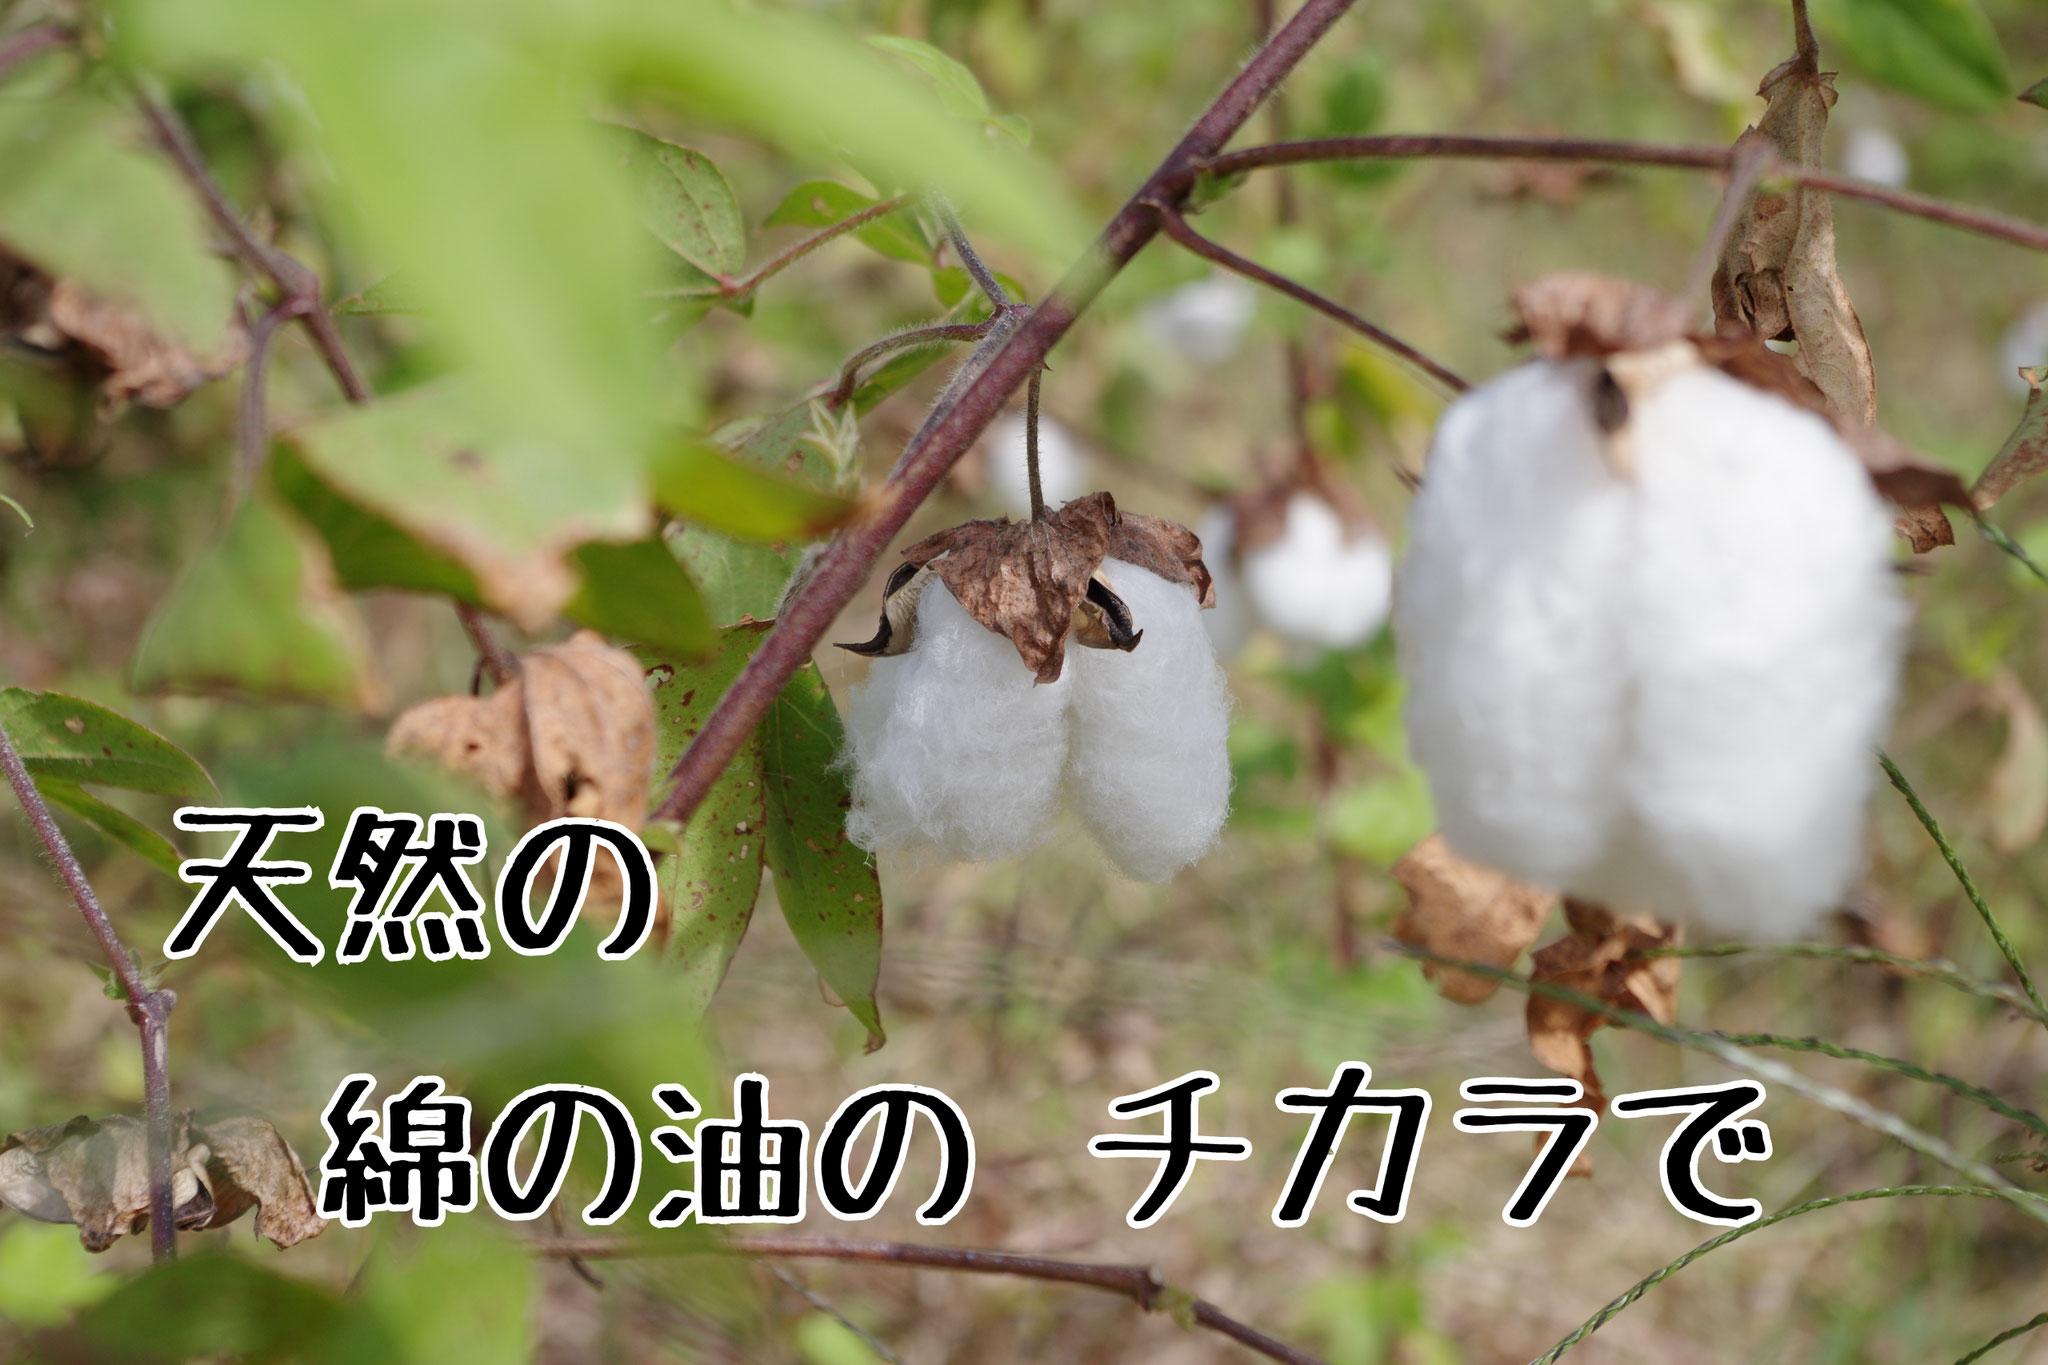 和綿がもともと持っている綿実油は食用にも使われています